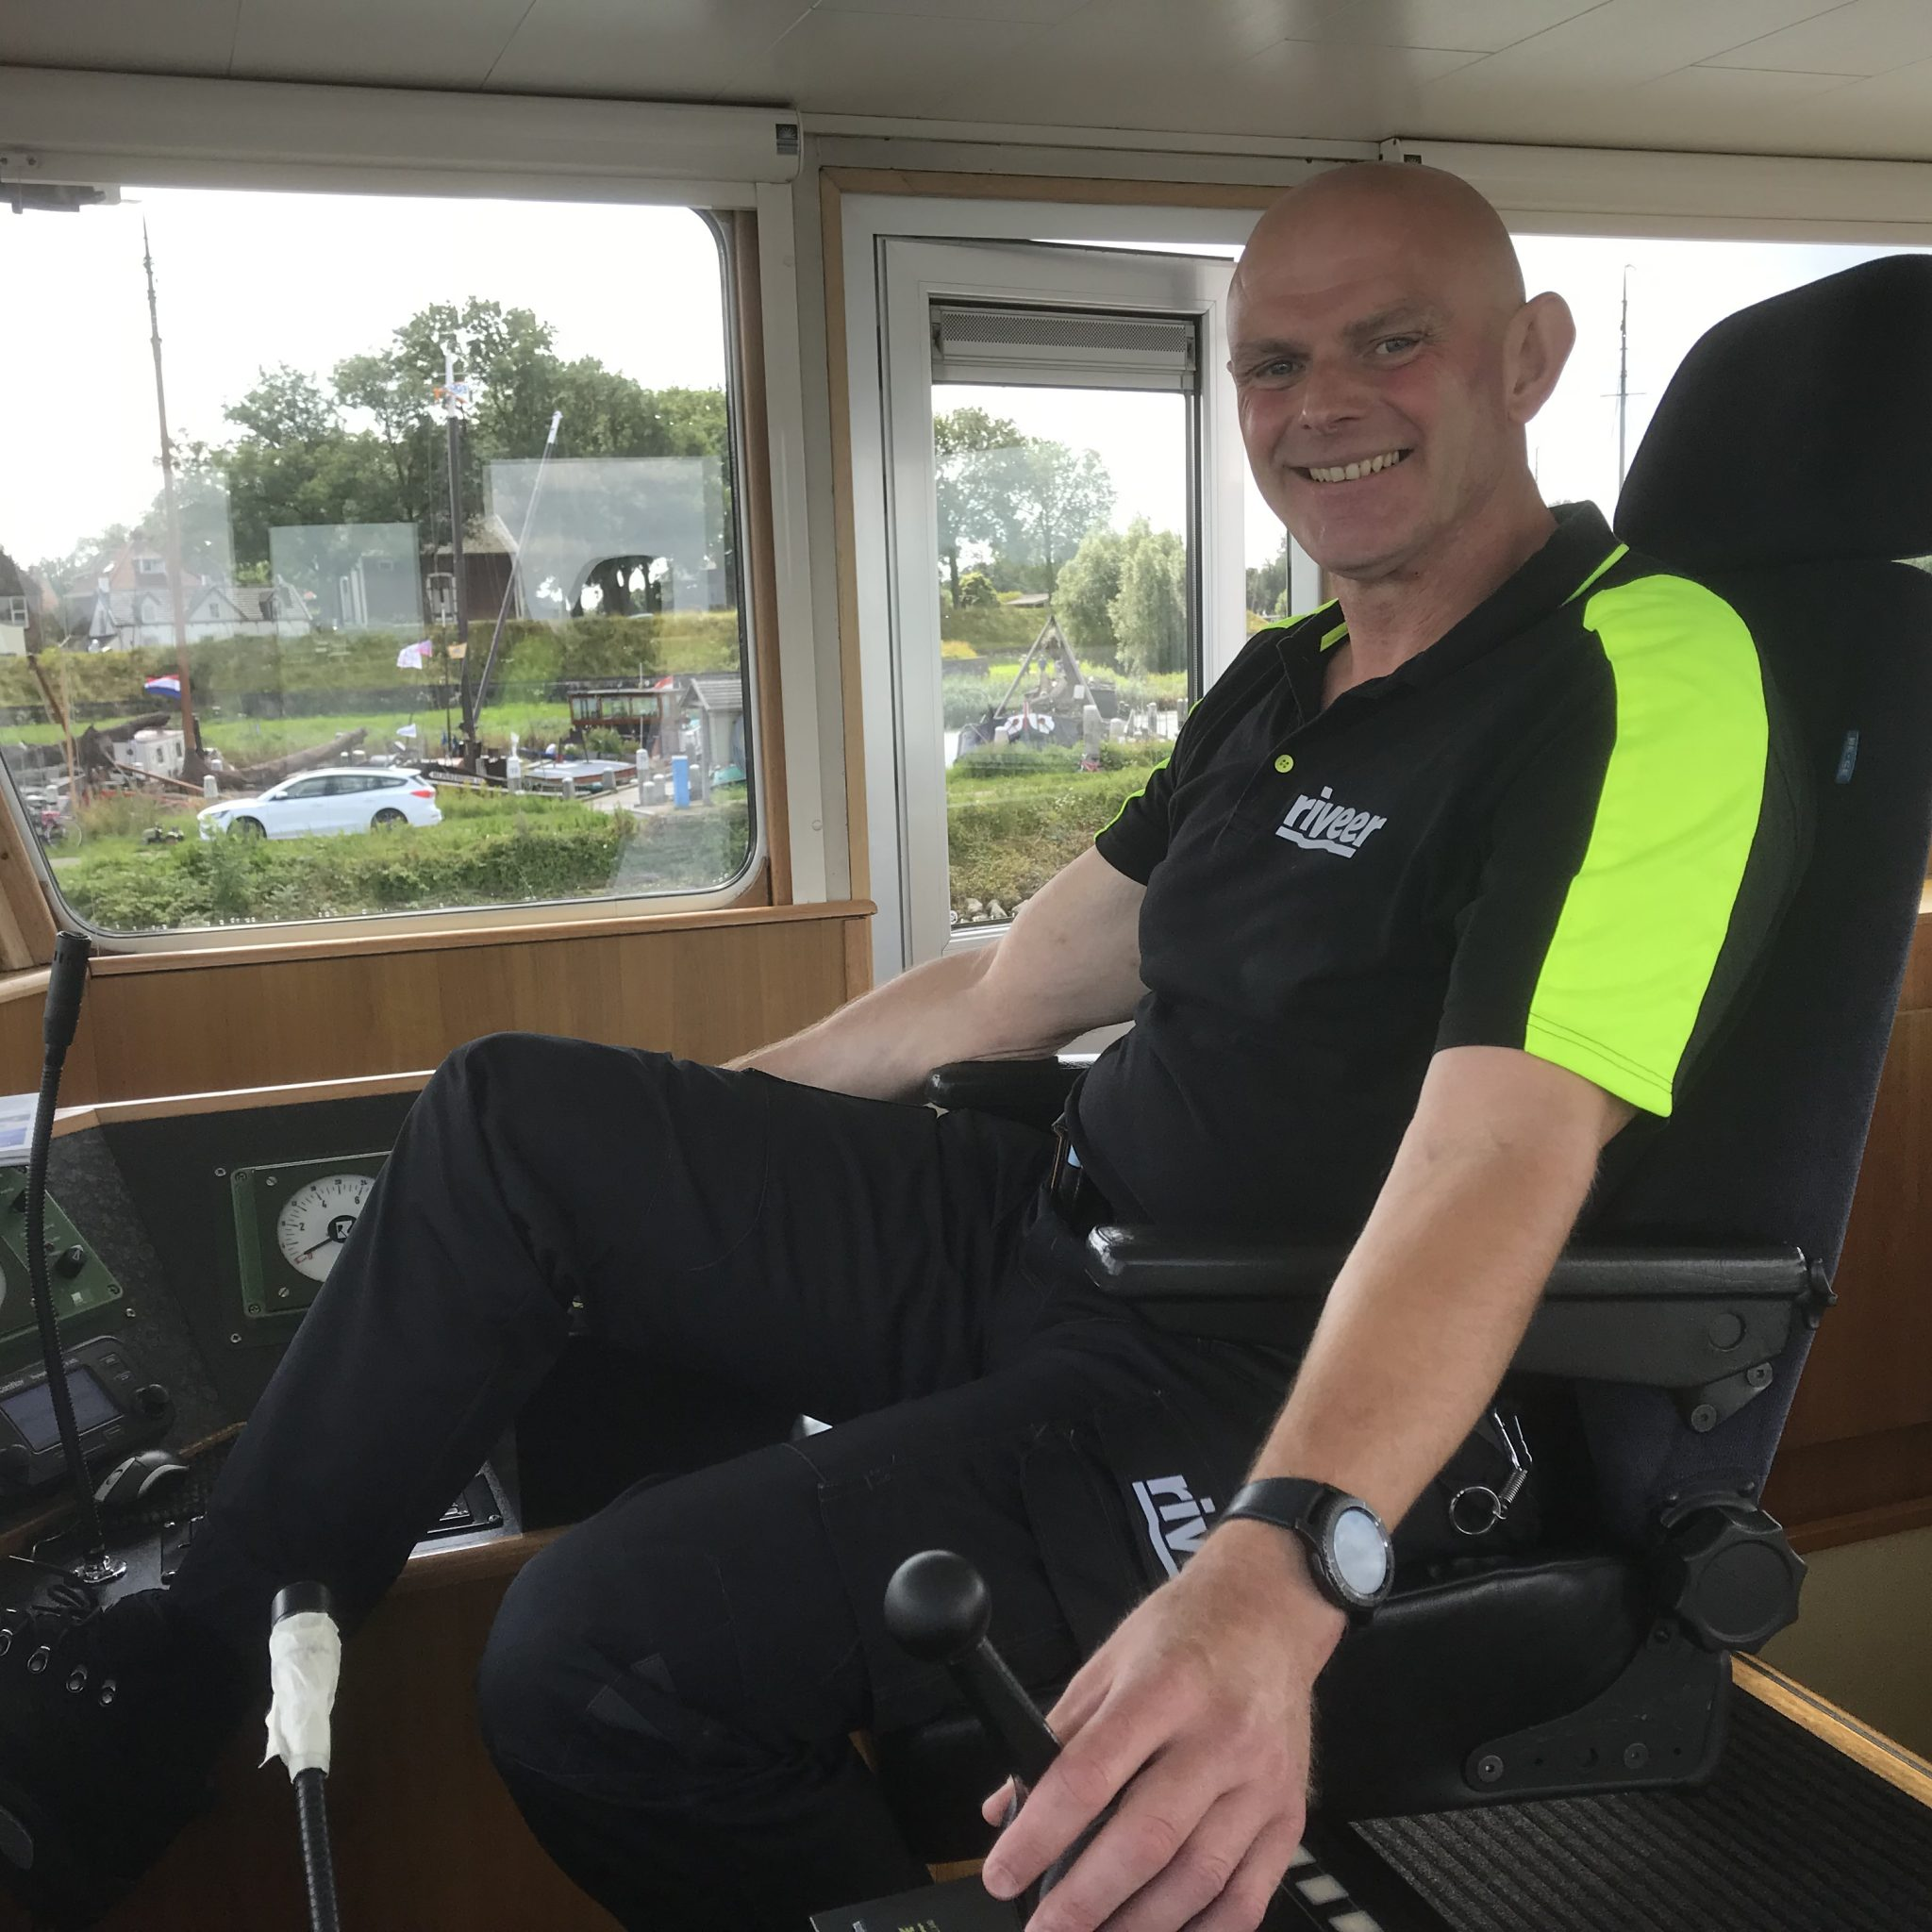 Schipper Cor van der Knijff: 'Ik wilde liever elke avond thuis zijn, nu kan ik op het fietsje naar mijn werk.' (Foto Hannie Visser-Kieboom)